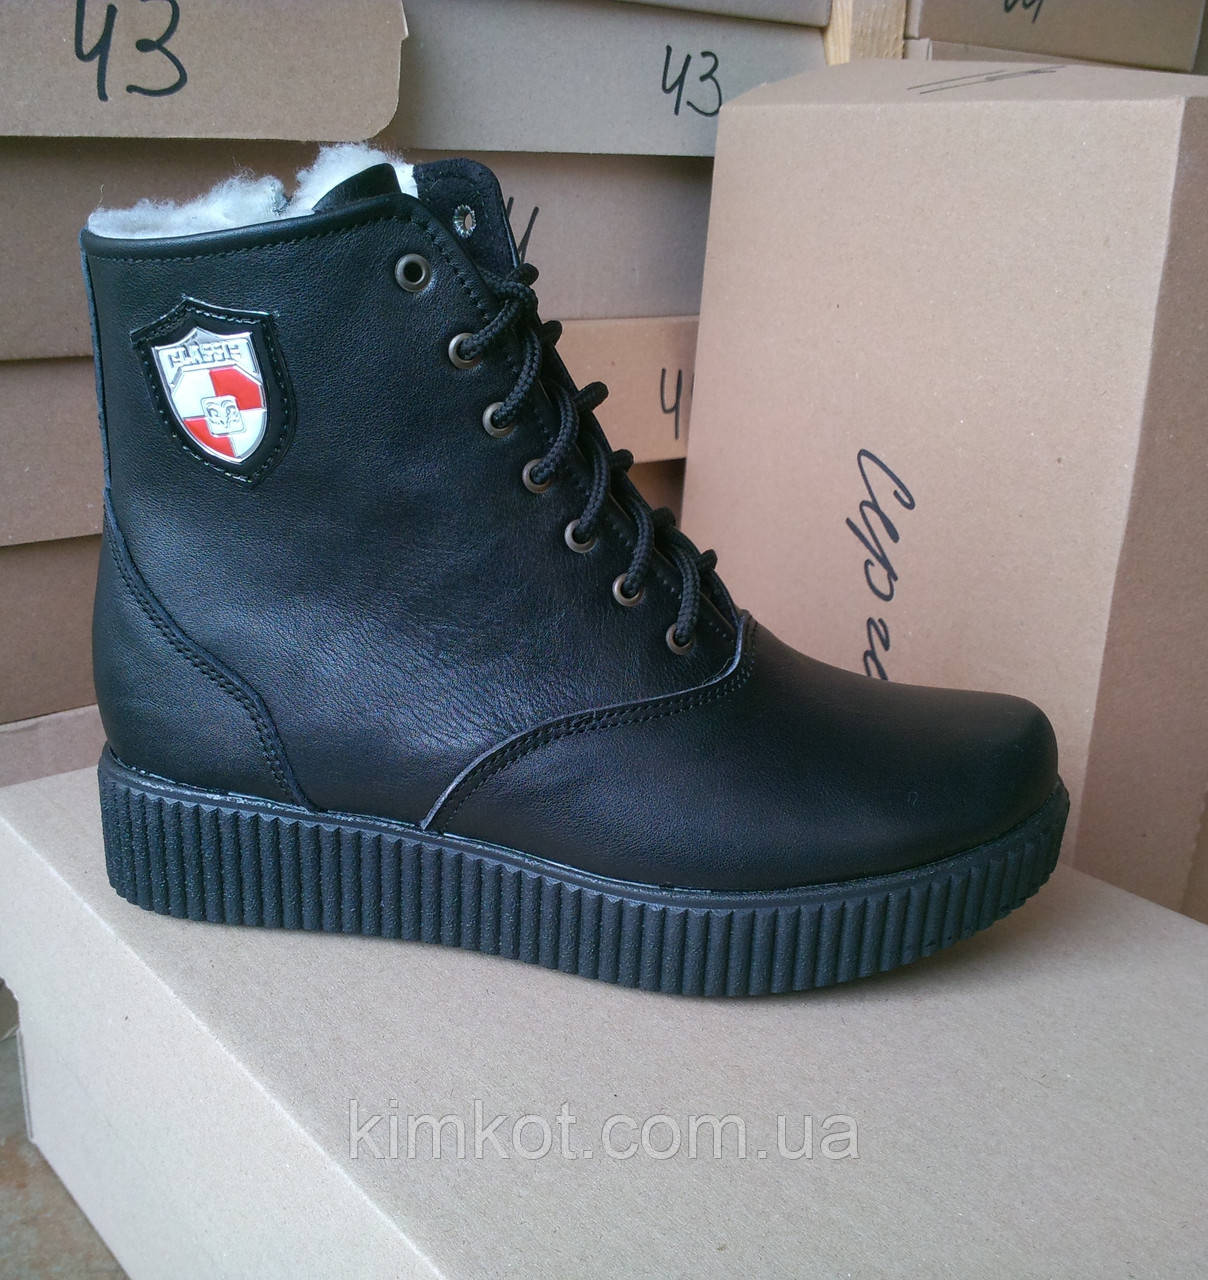 0d93116ed Женские кожаные зимние ботинки на низком ходу 36 -41 р-р: продажа ...